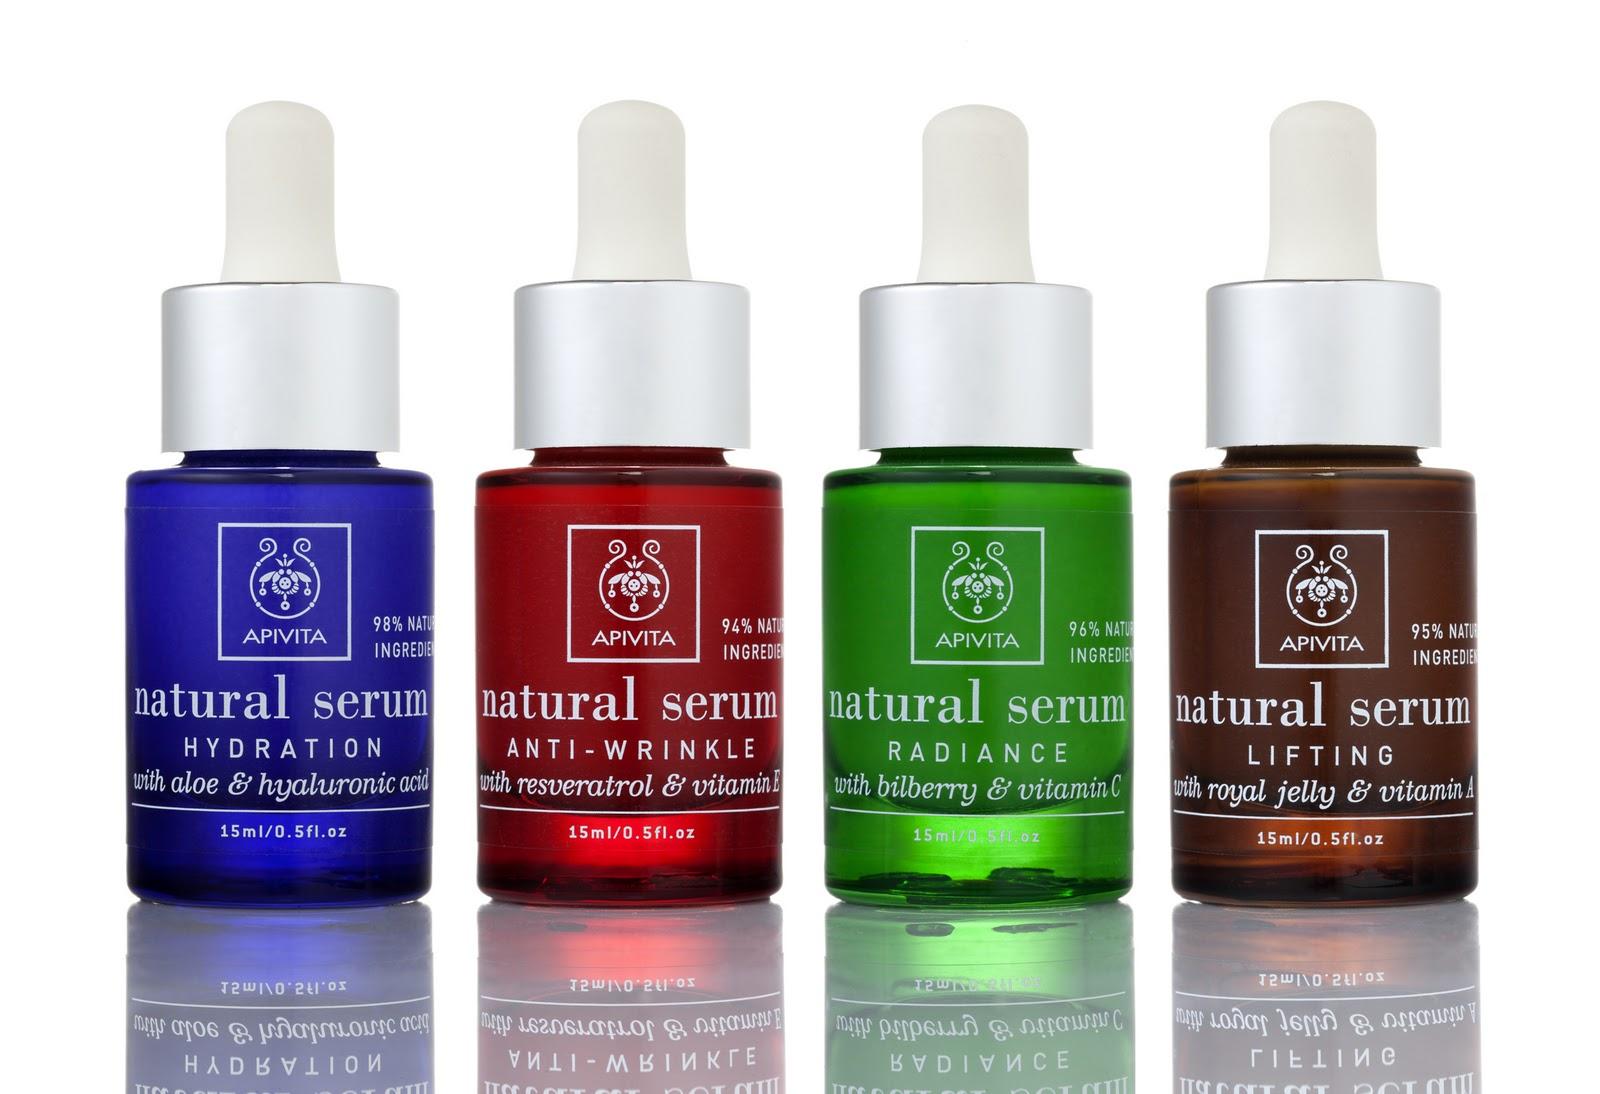 natural serum